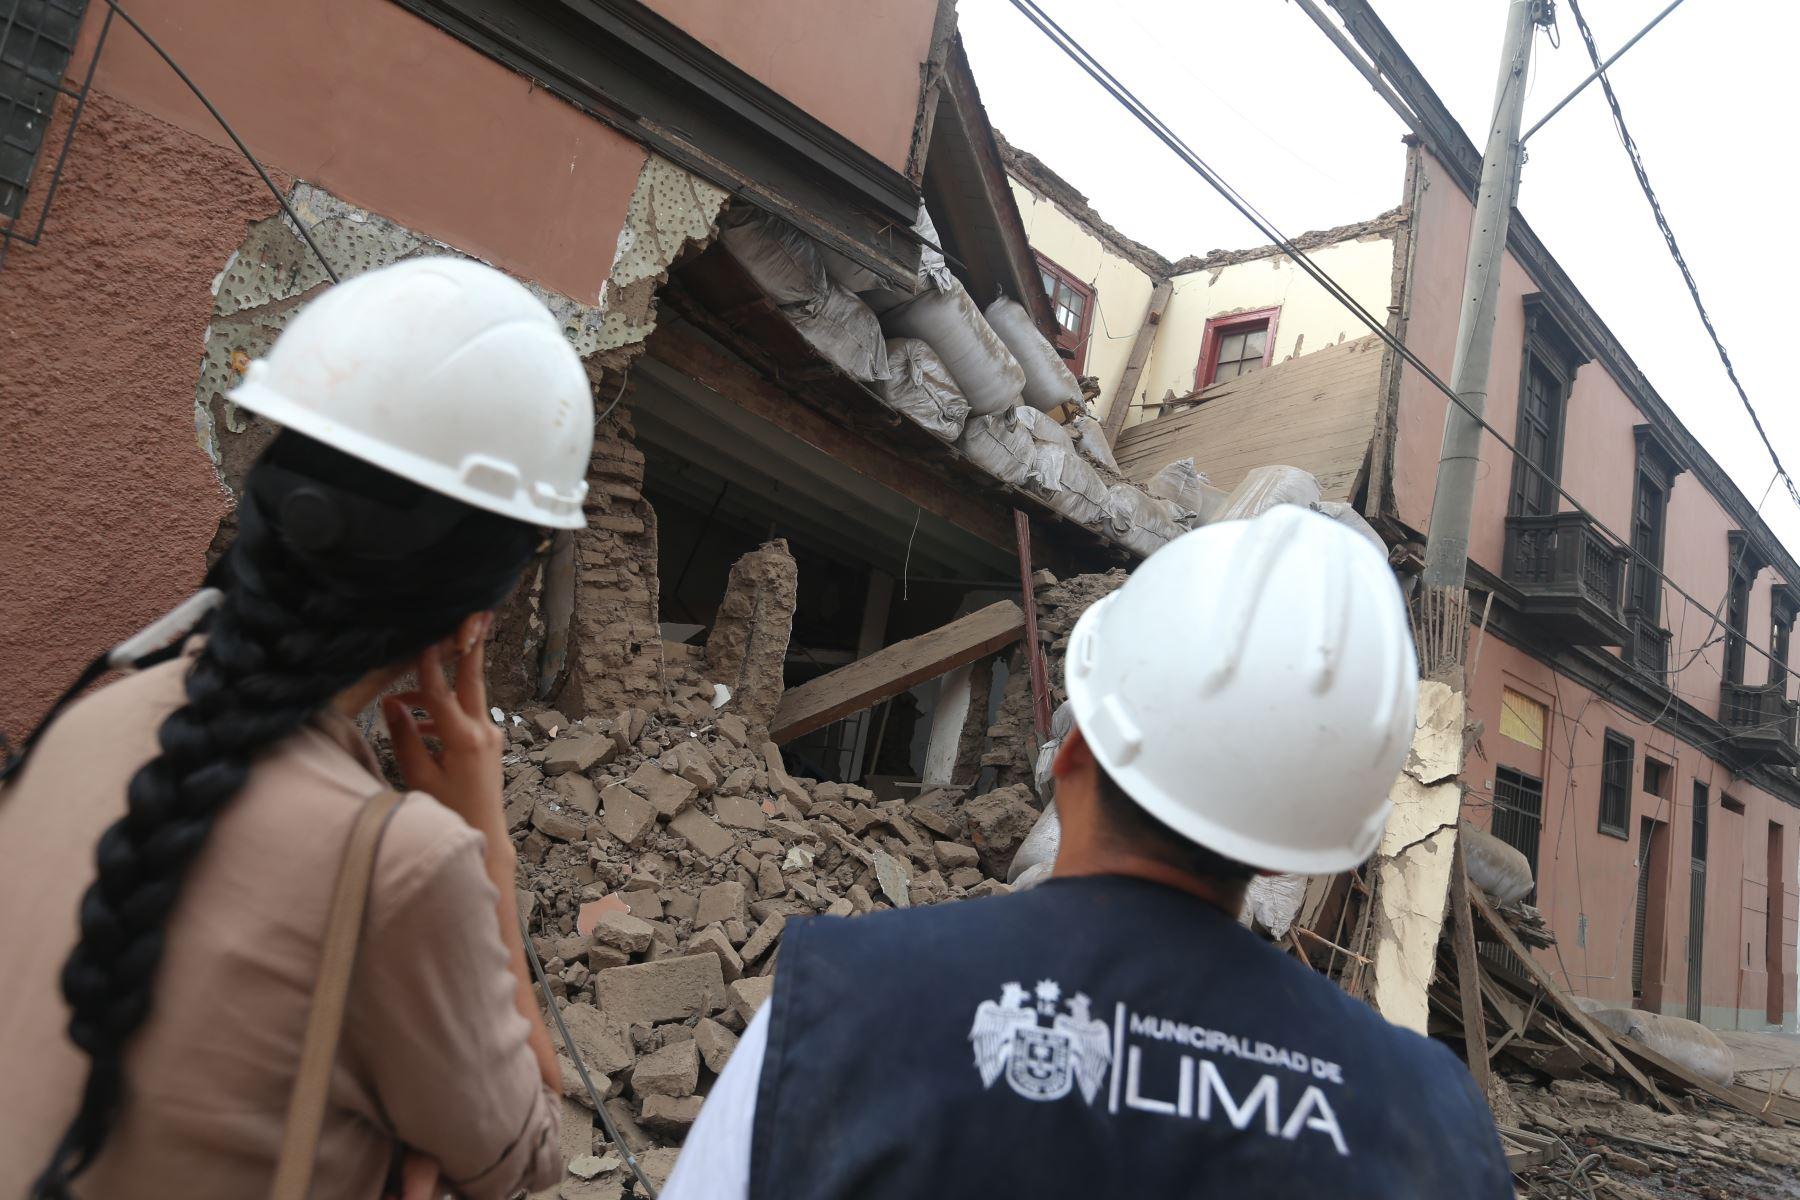 Especialistas de la MML se encuentran evaluando los daños. Foto: ANDINA/Jhonel Rodríguez Robles